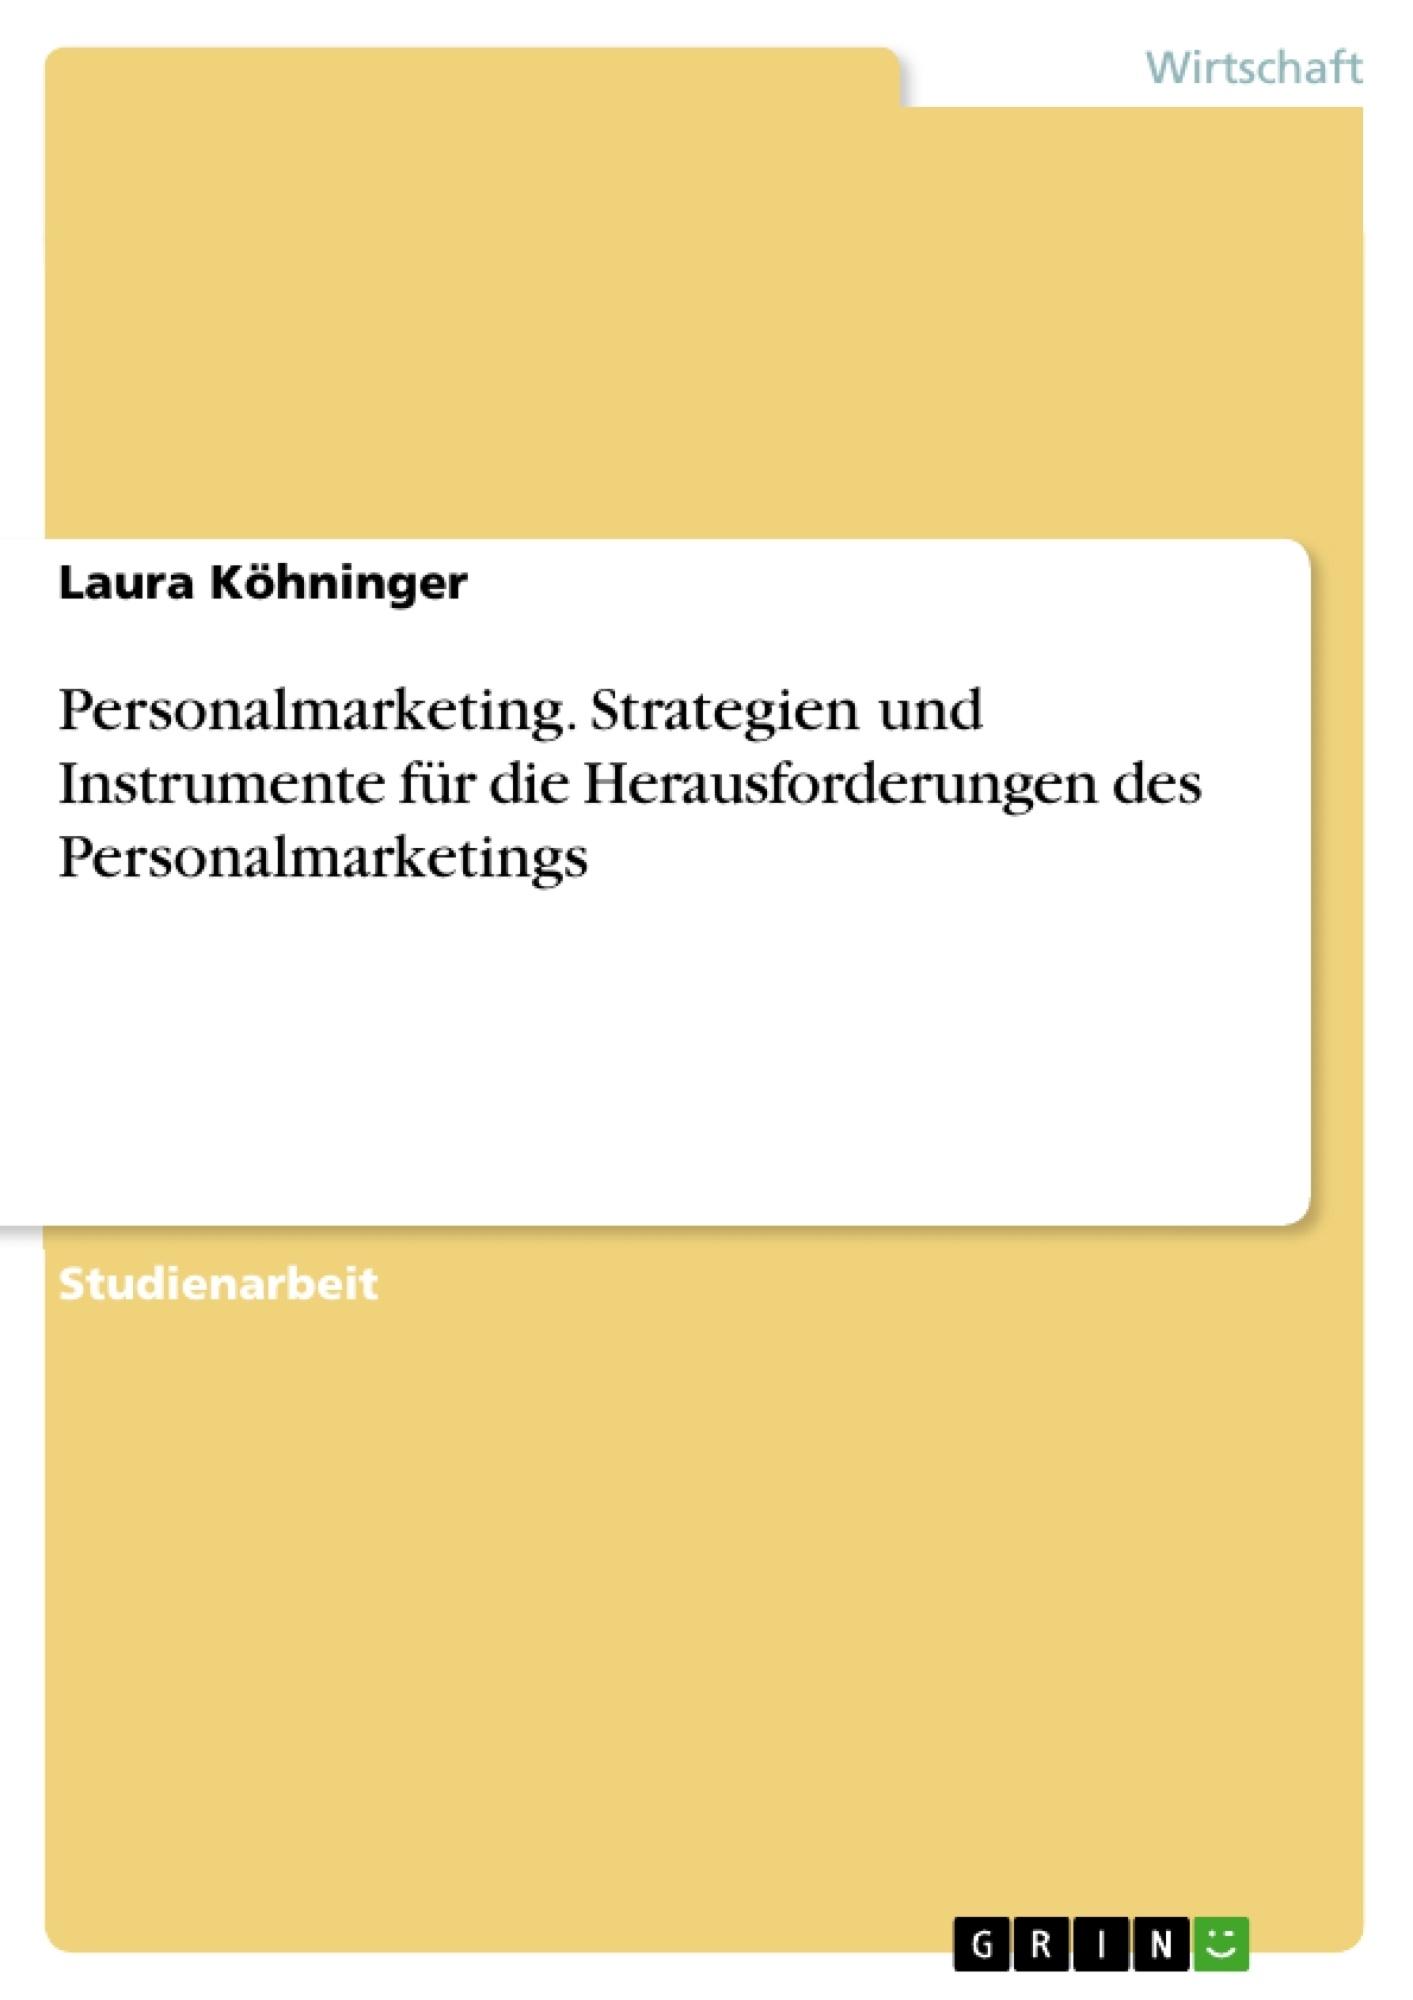 Titel: Personalmarketing. Strategien und Instrumente für die Herausforderungen des Personalmarketings